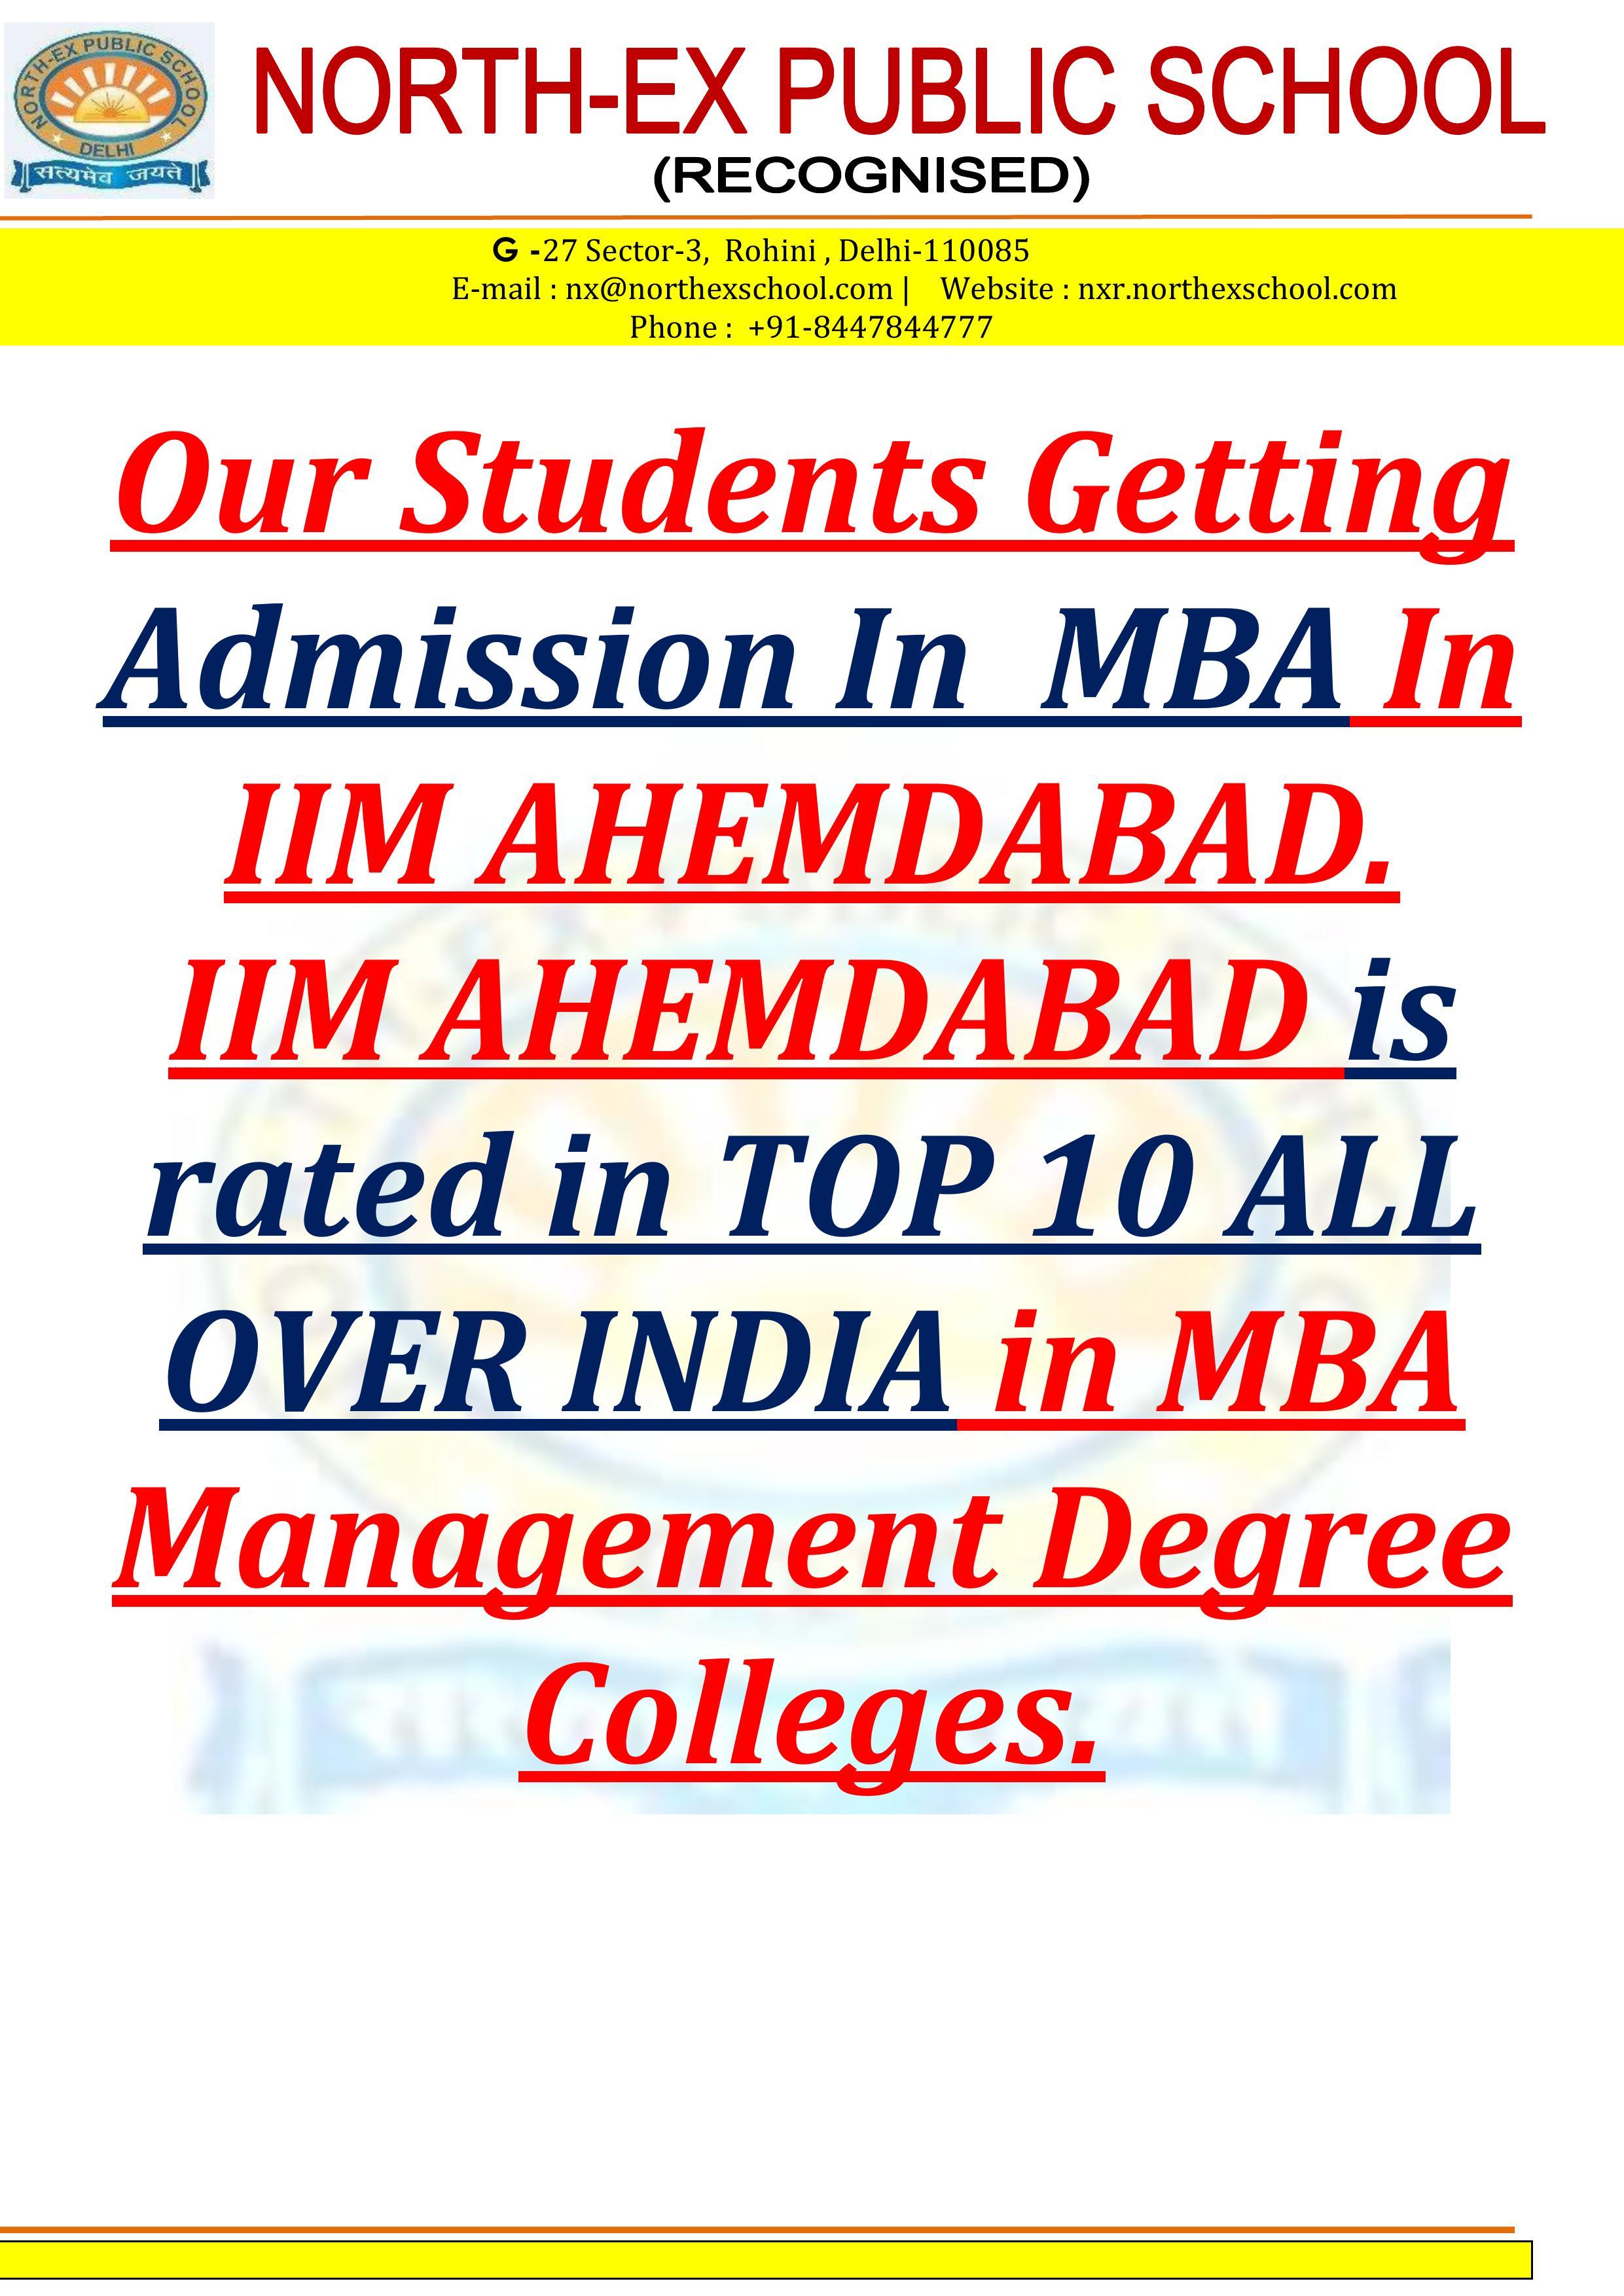 North-Ex Public School IIM - Indian Institute od Management (2)